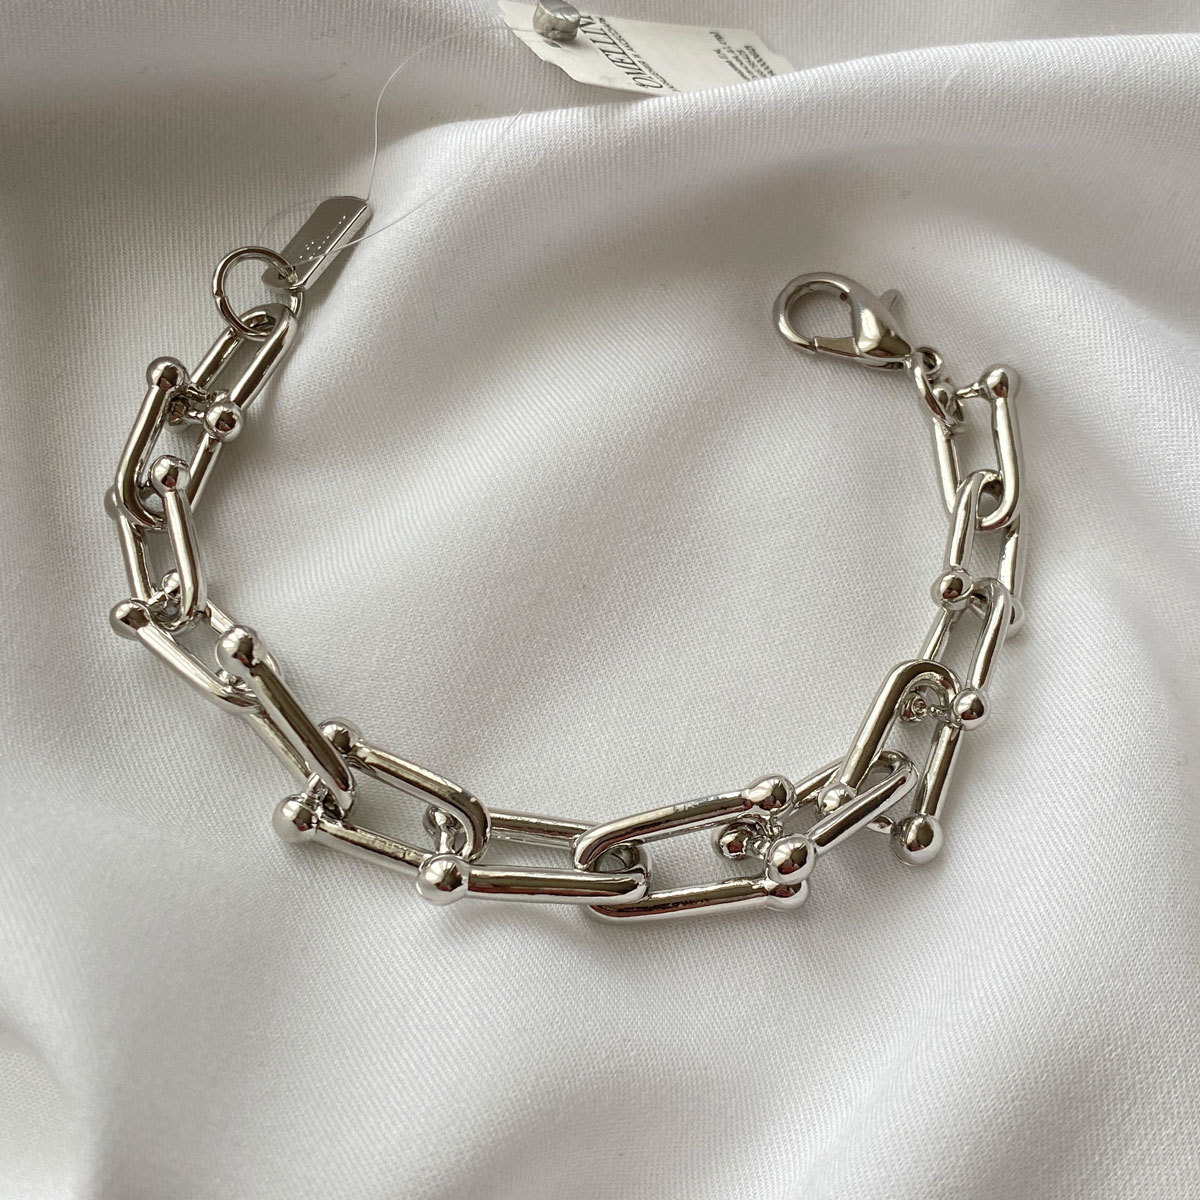 Браслет-цепь с U-звеньями серебряный (сталь, родирование)